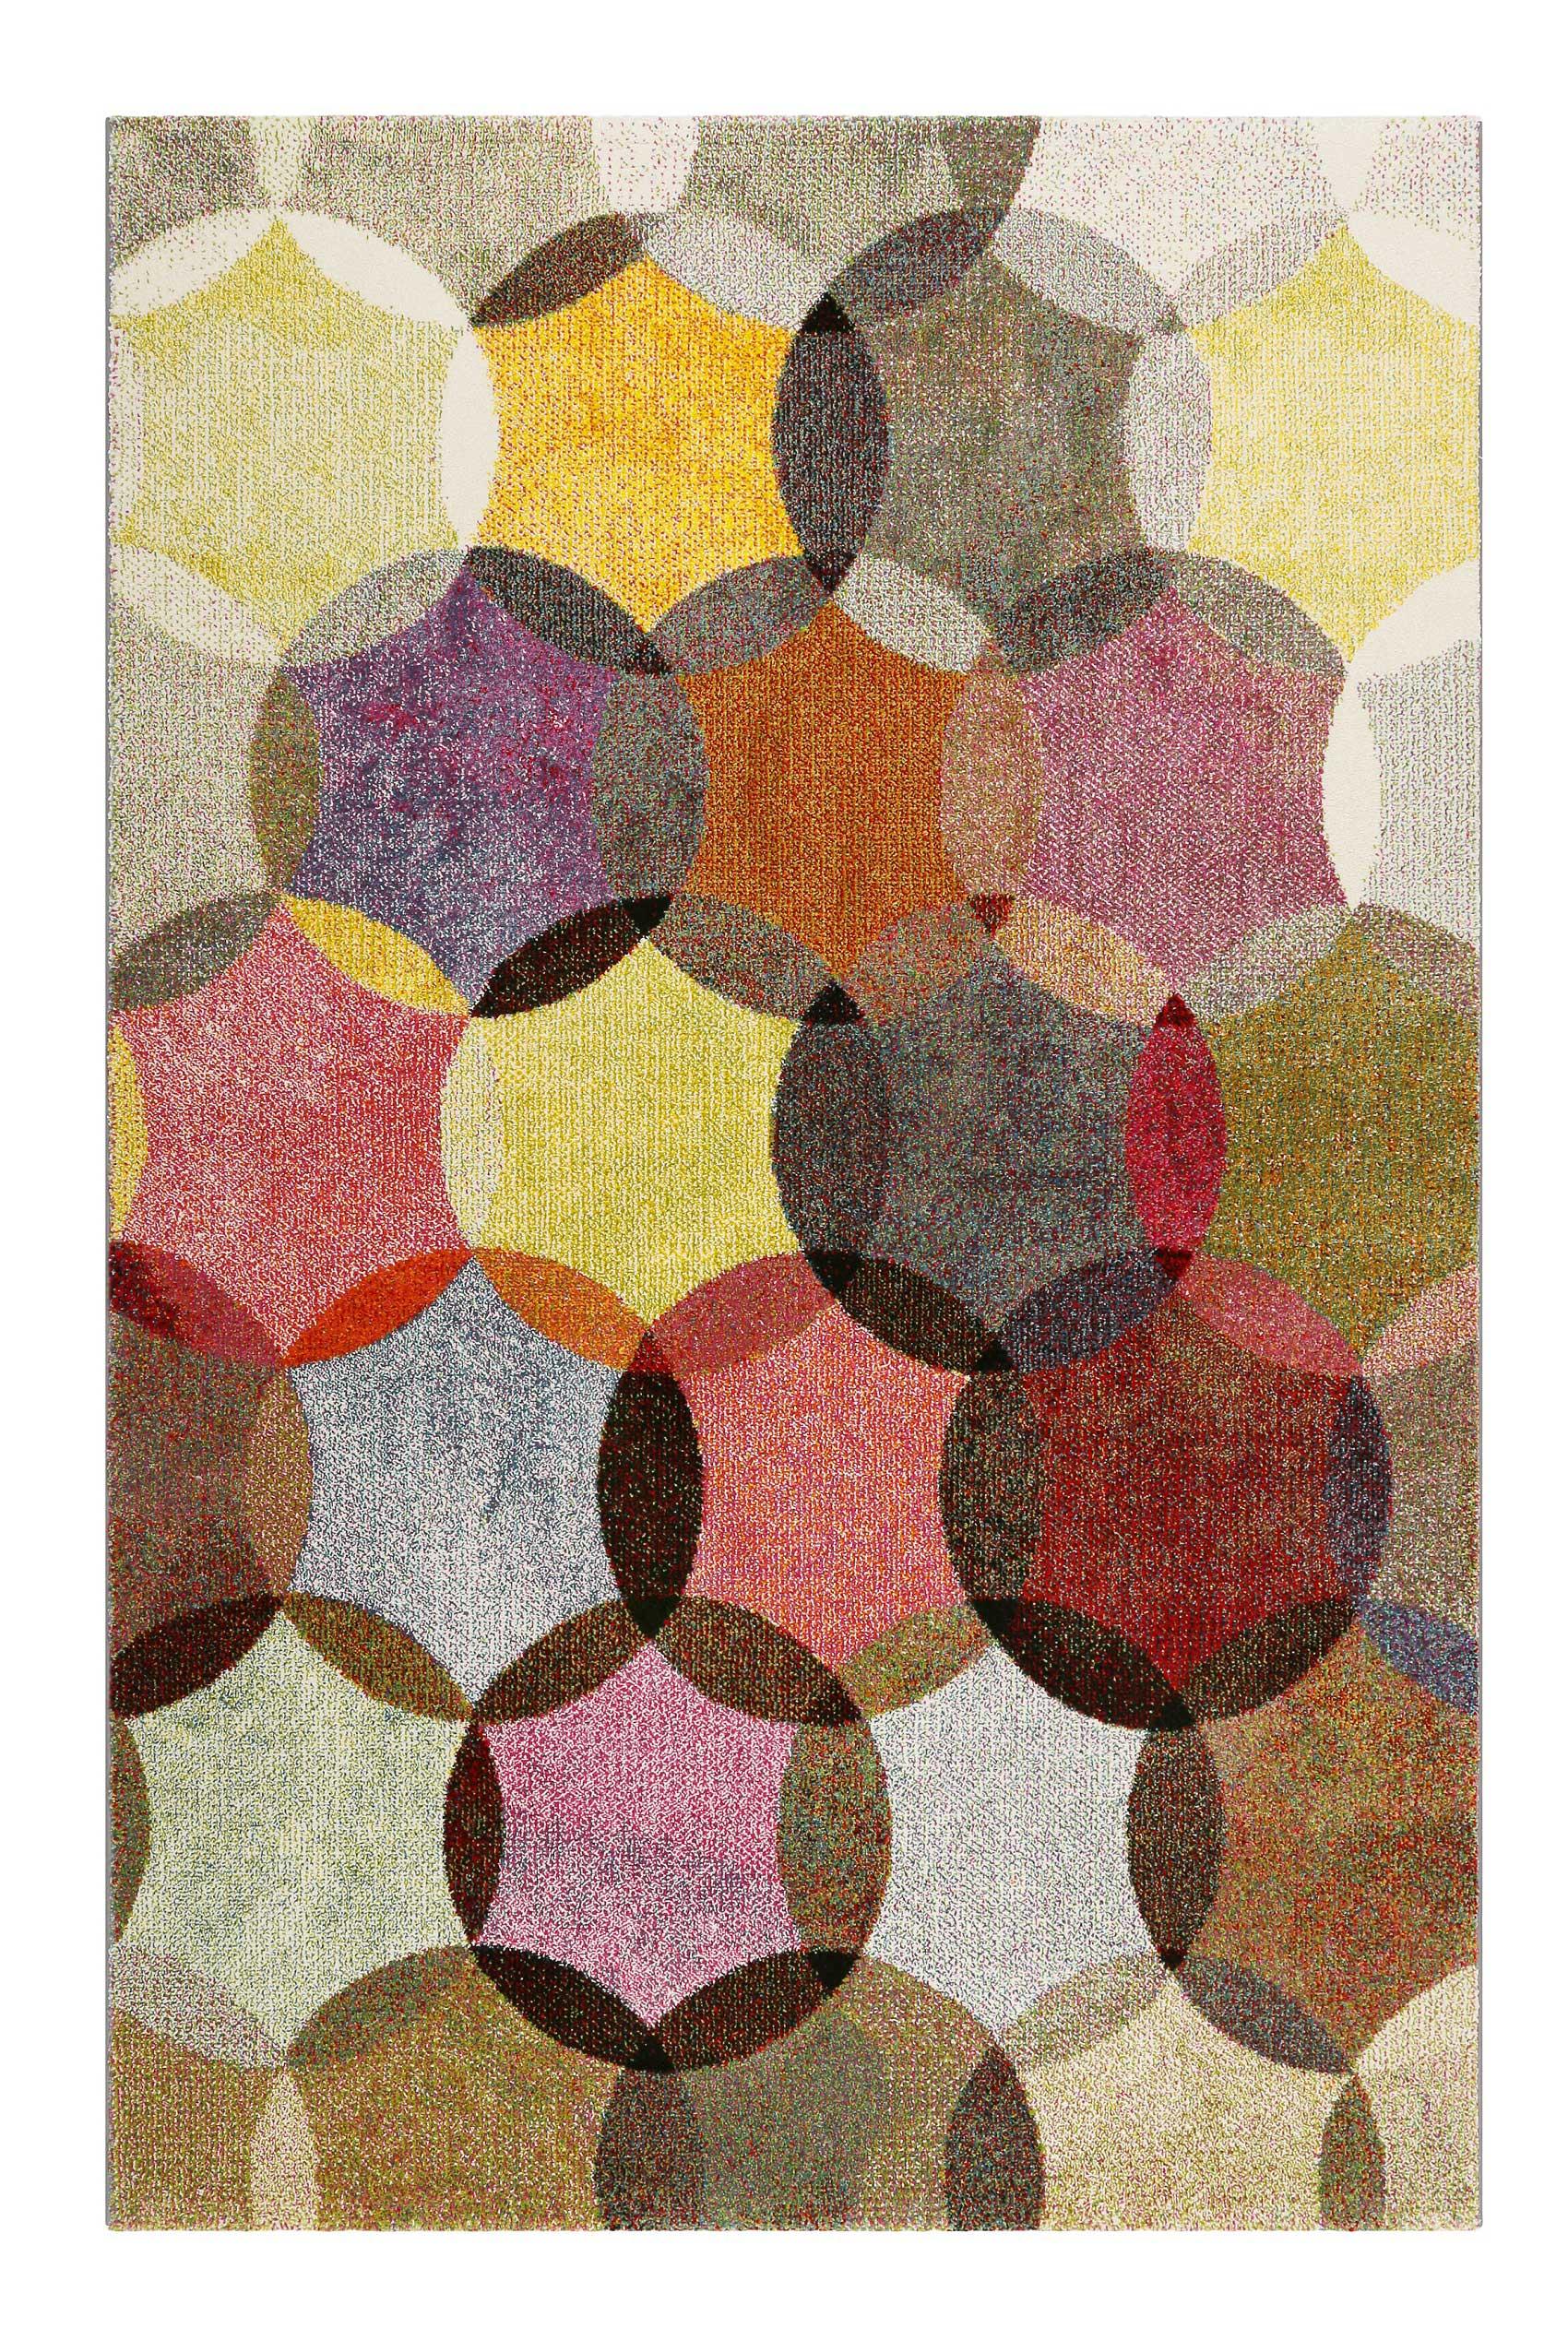 Tapis motif cercles vintage nuances vives pour salon, chambre 225x160